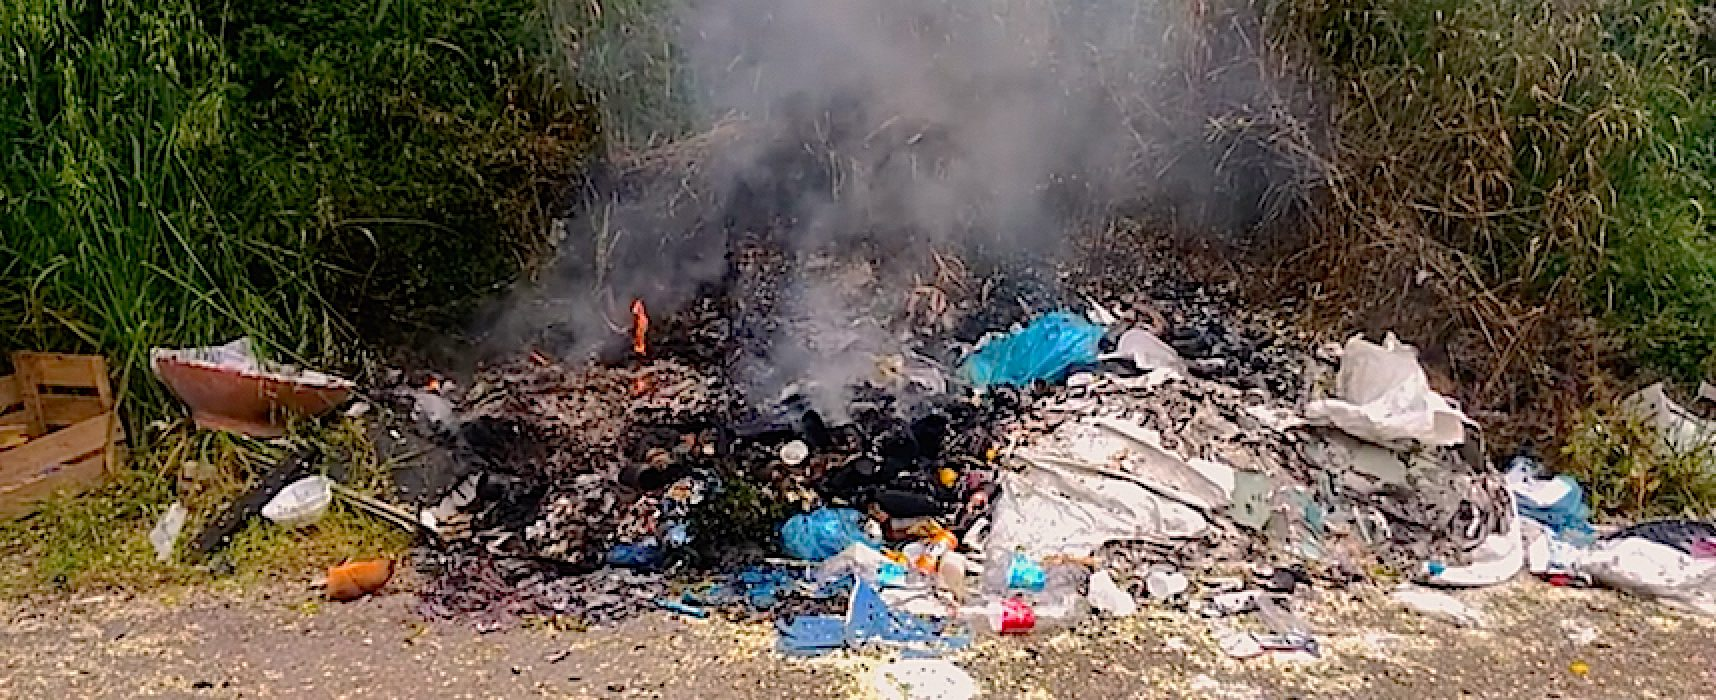 """Distesa di rifiuti complanare Bisceglie nord, Mauro Sasso: """"Situazione grave, qualcuno faccia passo indietro"""""""